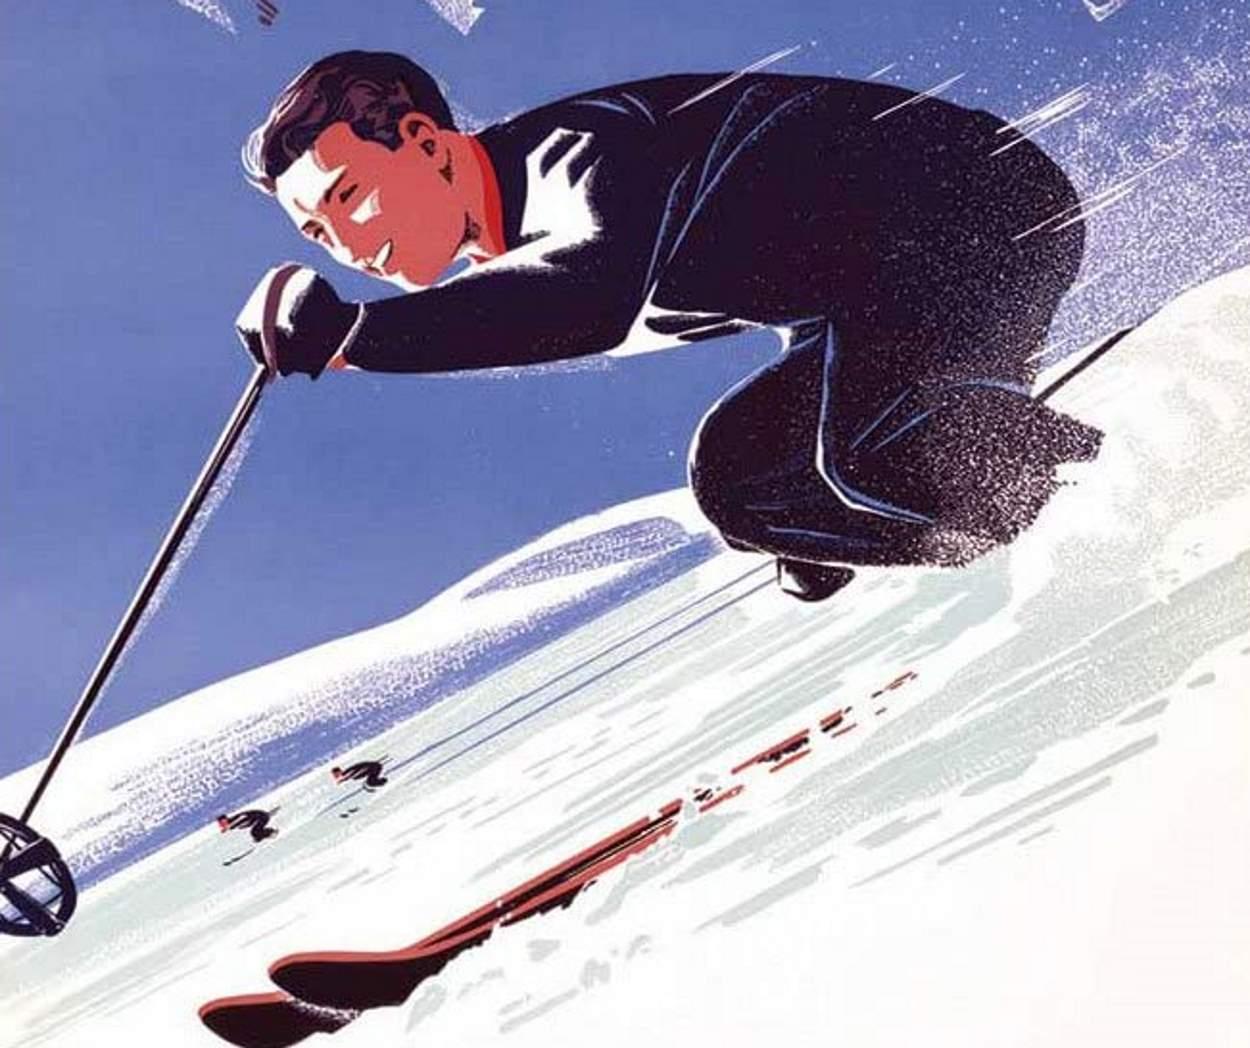 1938-01_L'Ami_de_la_nature_Le ski un sport proléterien_cover